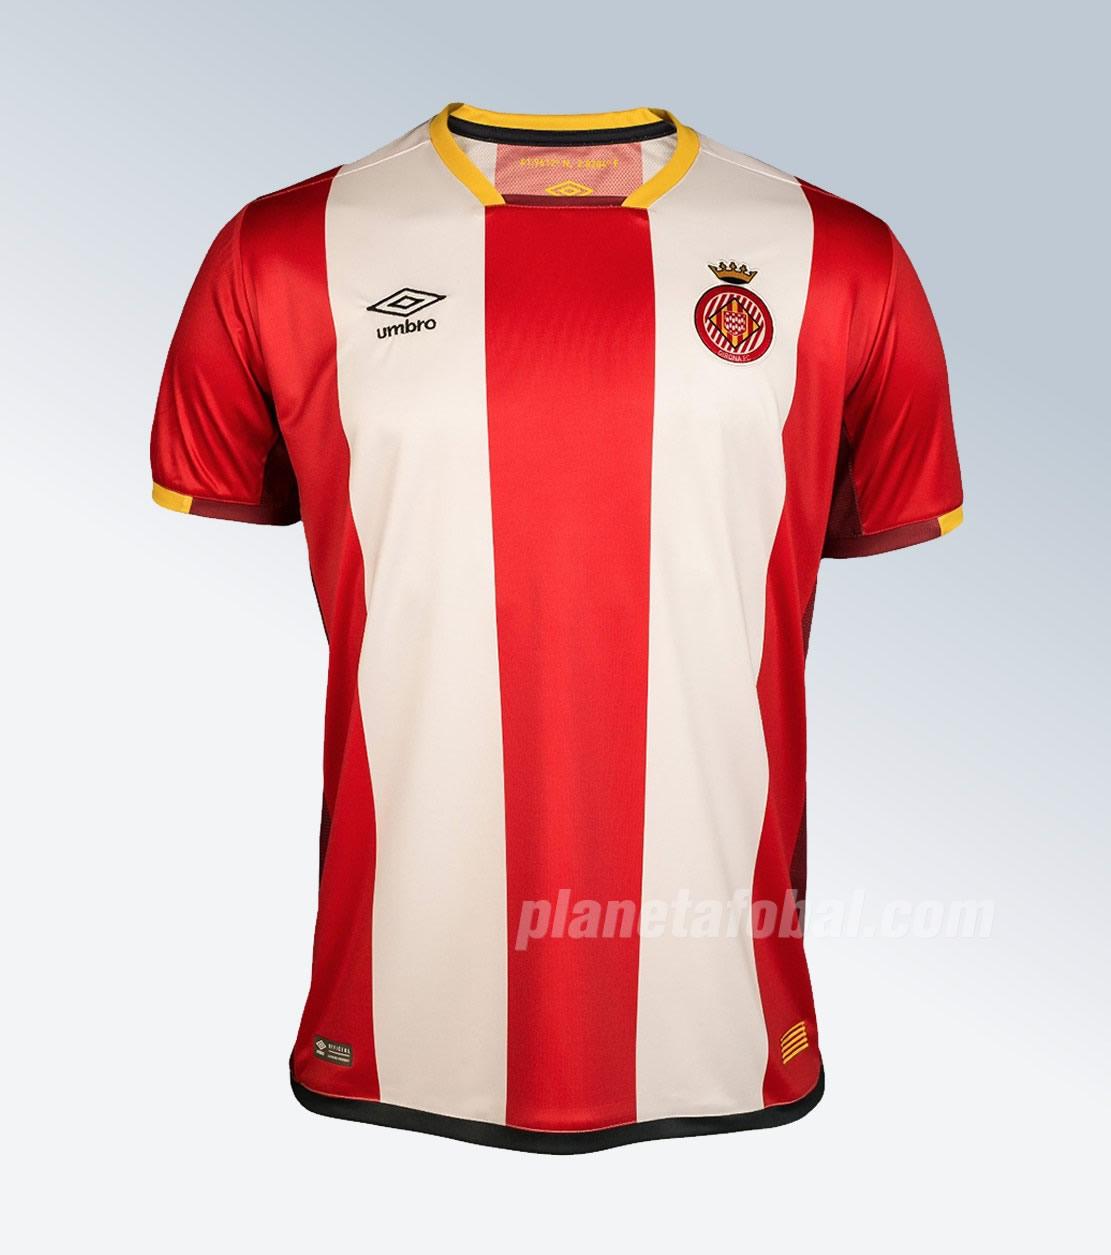 Equipación titular Umbro del Girona FC | Foto Web Oficial